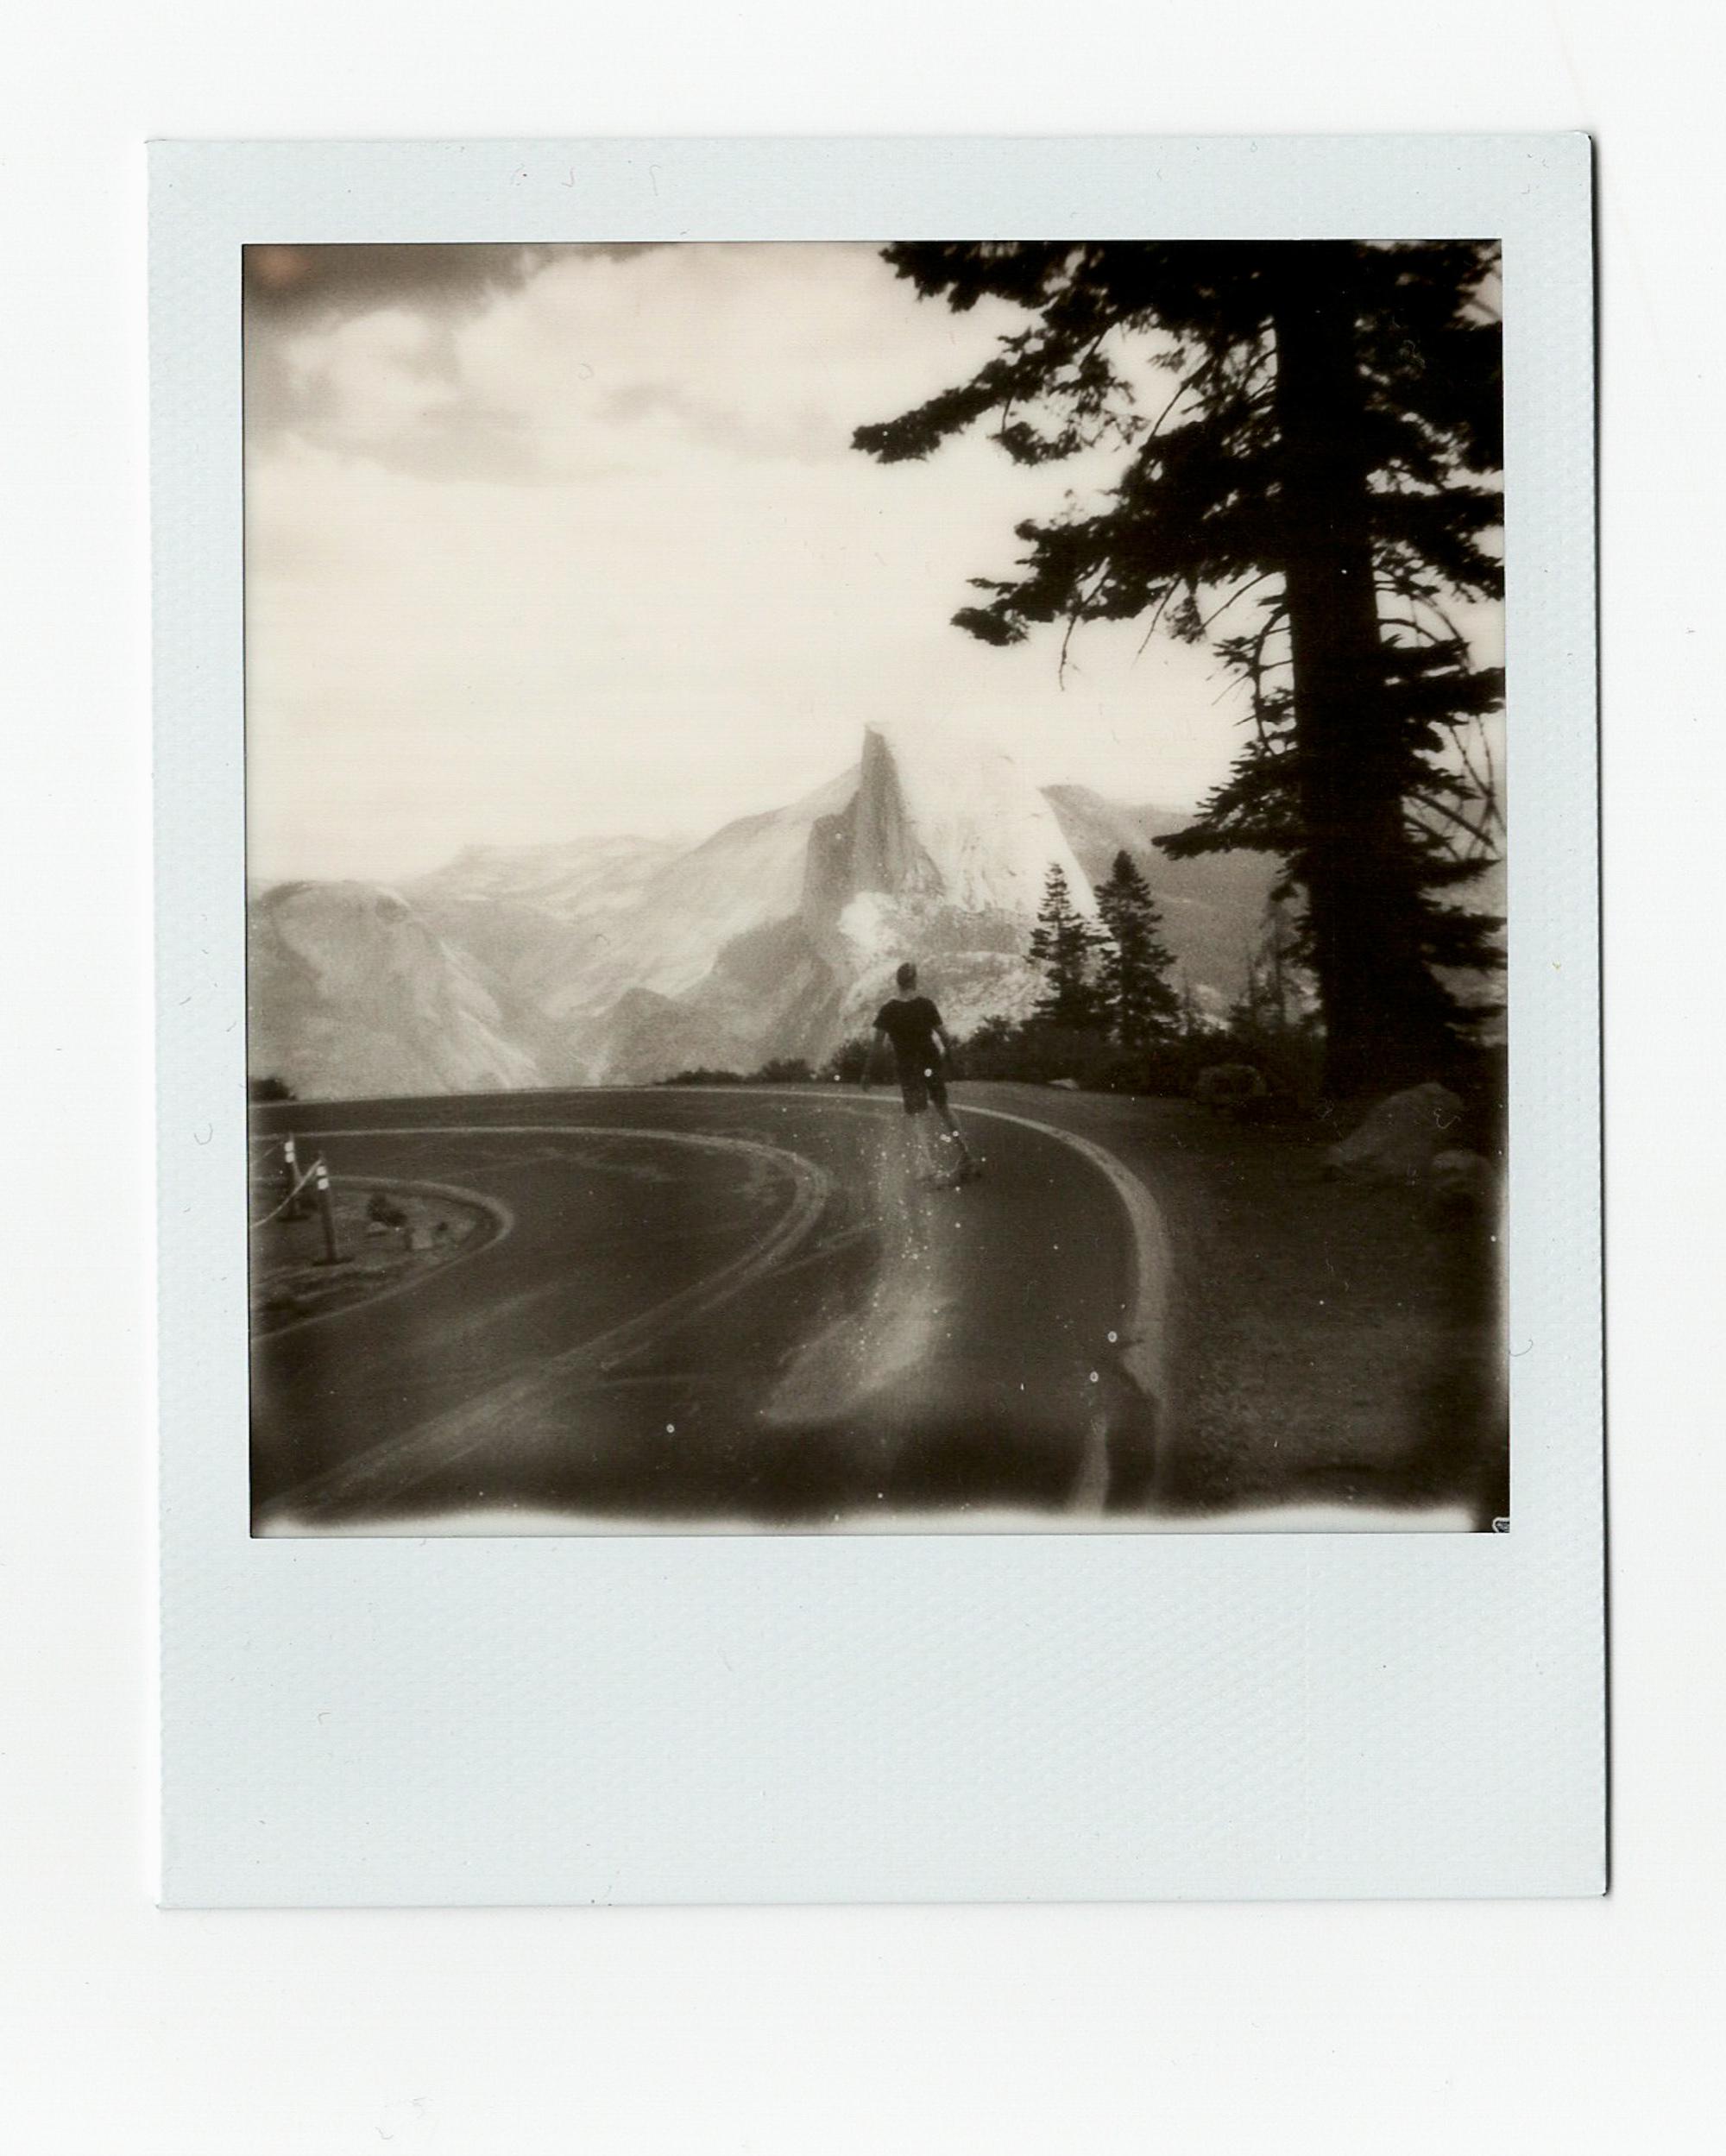 Yosemite17 (1 of 16).jpg